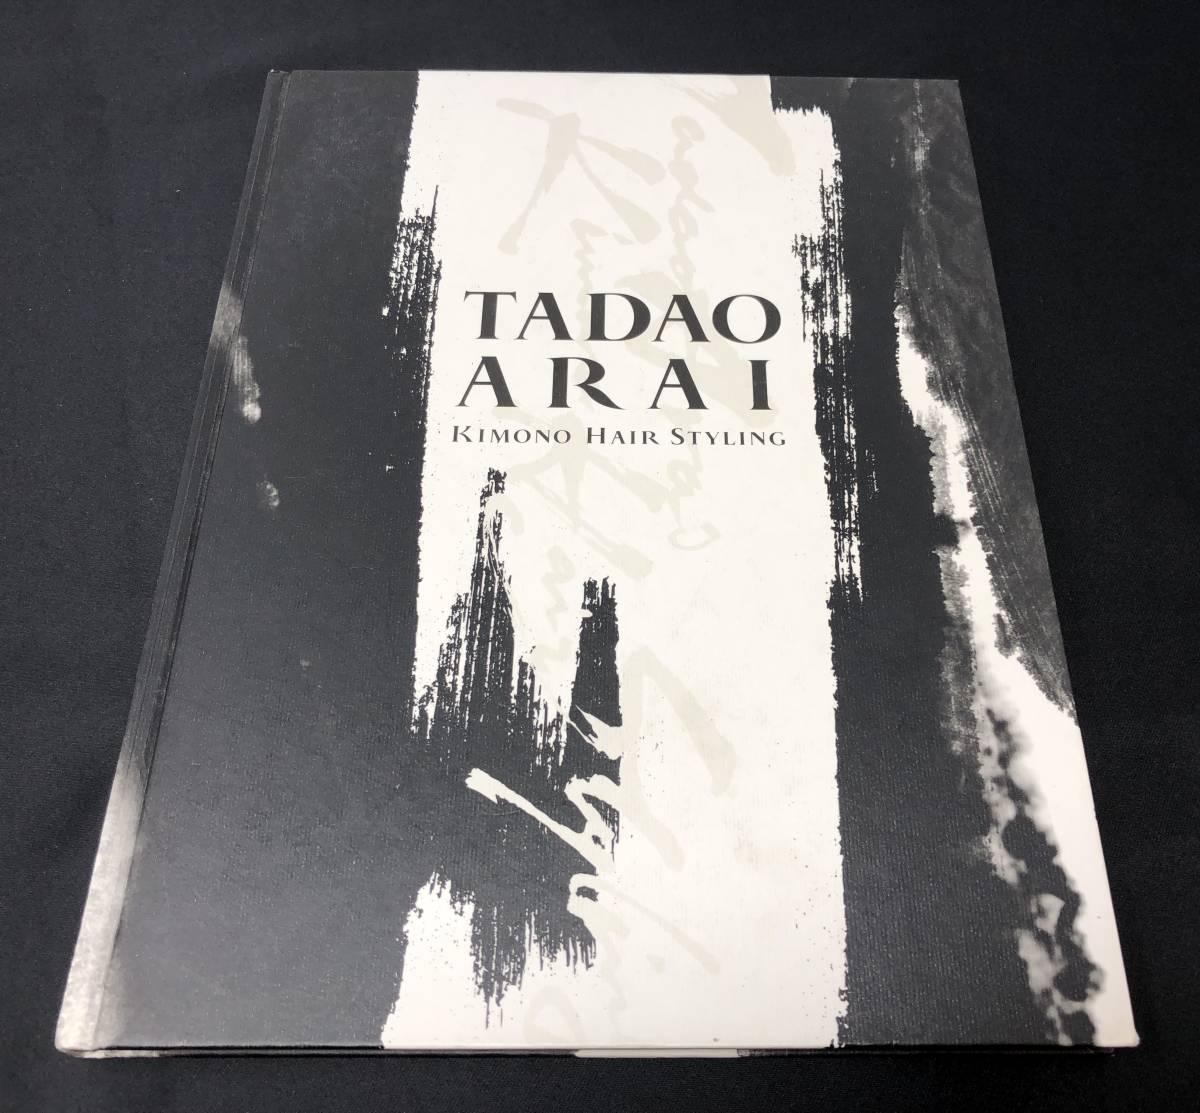 TADAO ARAI KIMONO HAIR STYLING 新井唯夫 着物 ヘアスタイリング集 技術解説付き アップヘアスタイル